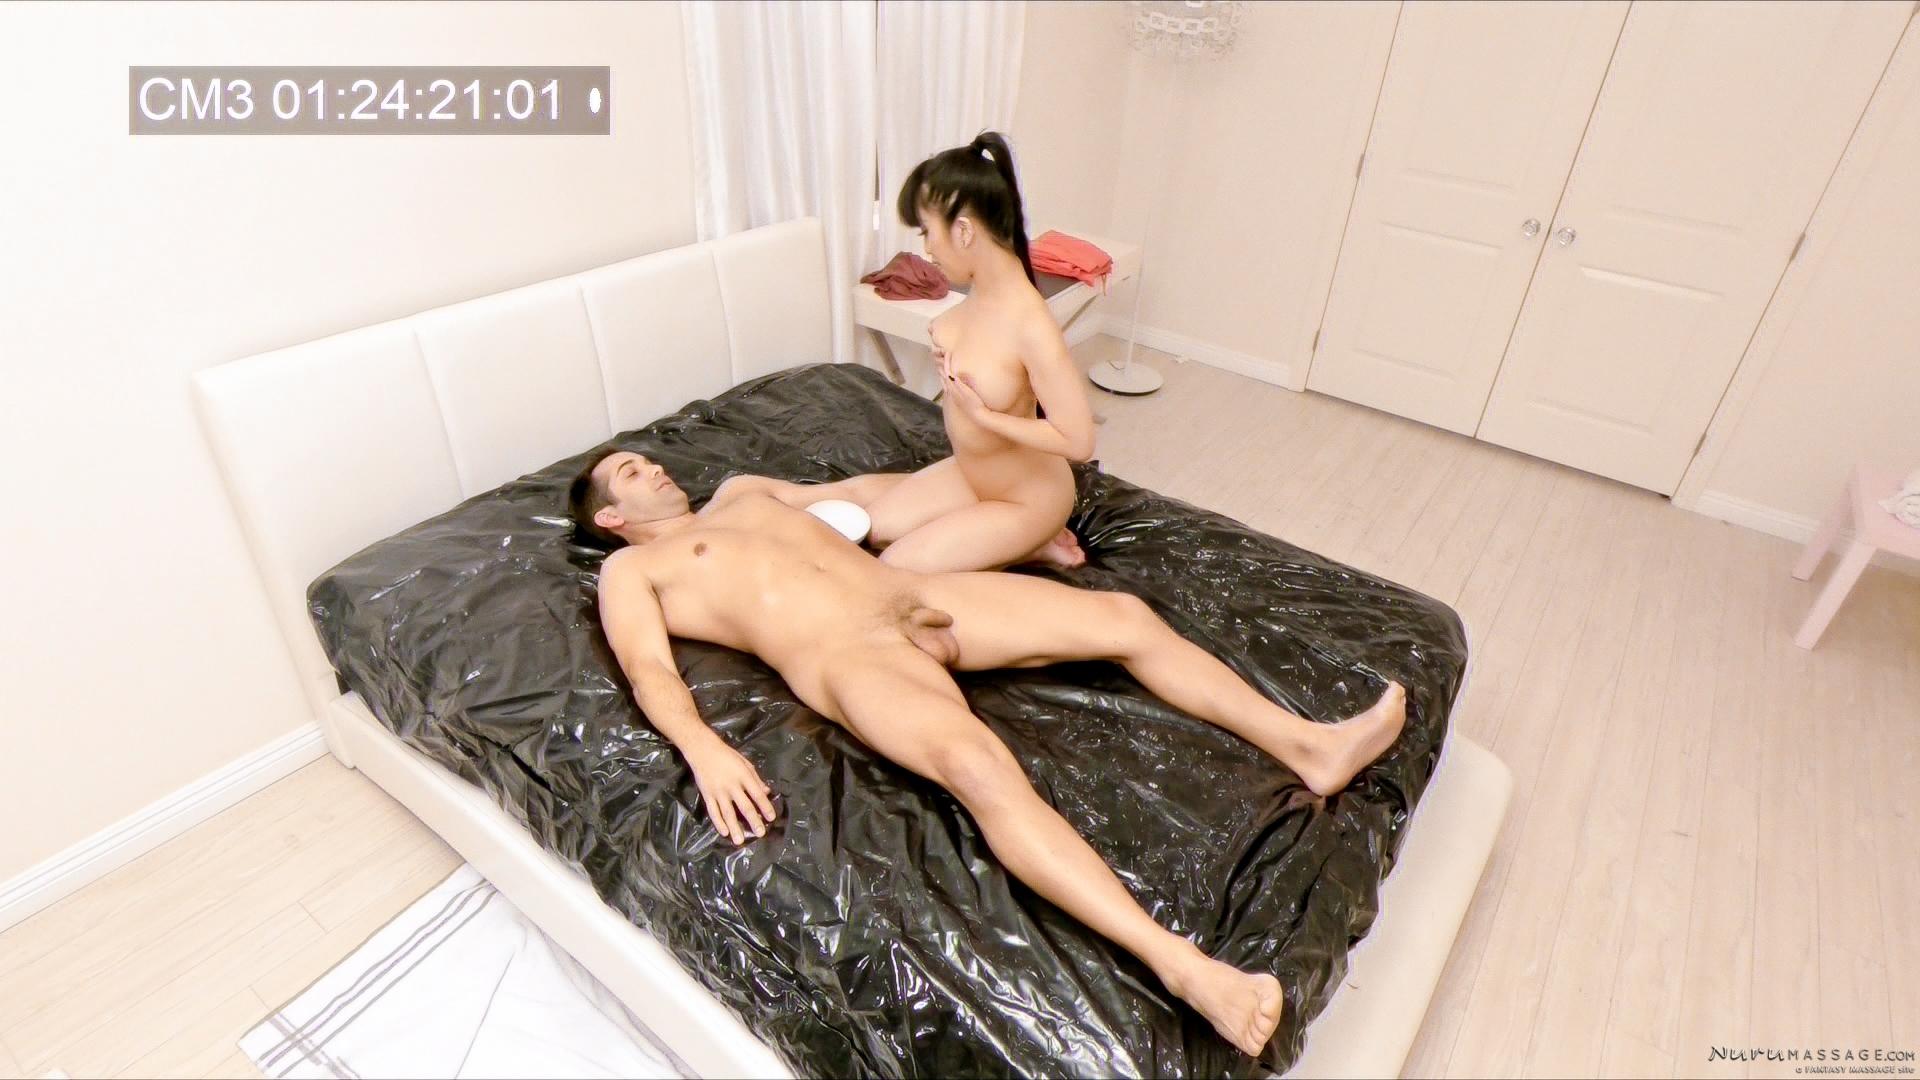 Asiatinnen Pornos. Galerie - 1527. Foto - 5